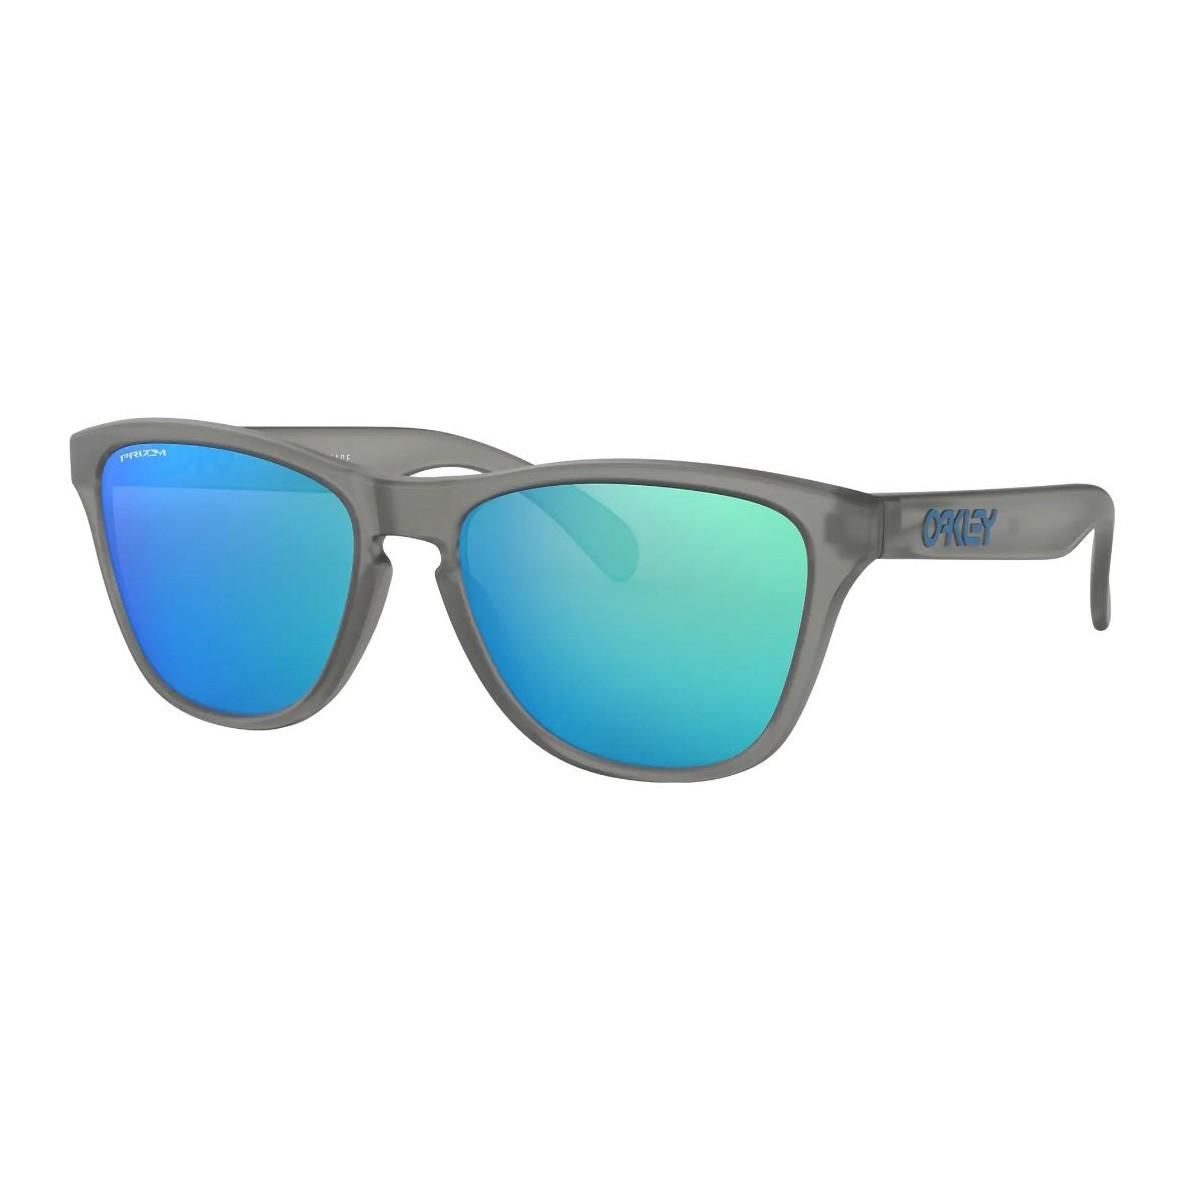 Óculos de Sol Oakley Frogkins XS Cinza Fosco Pequeno